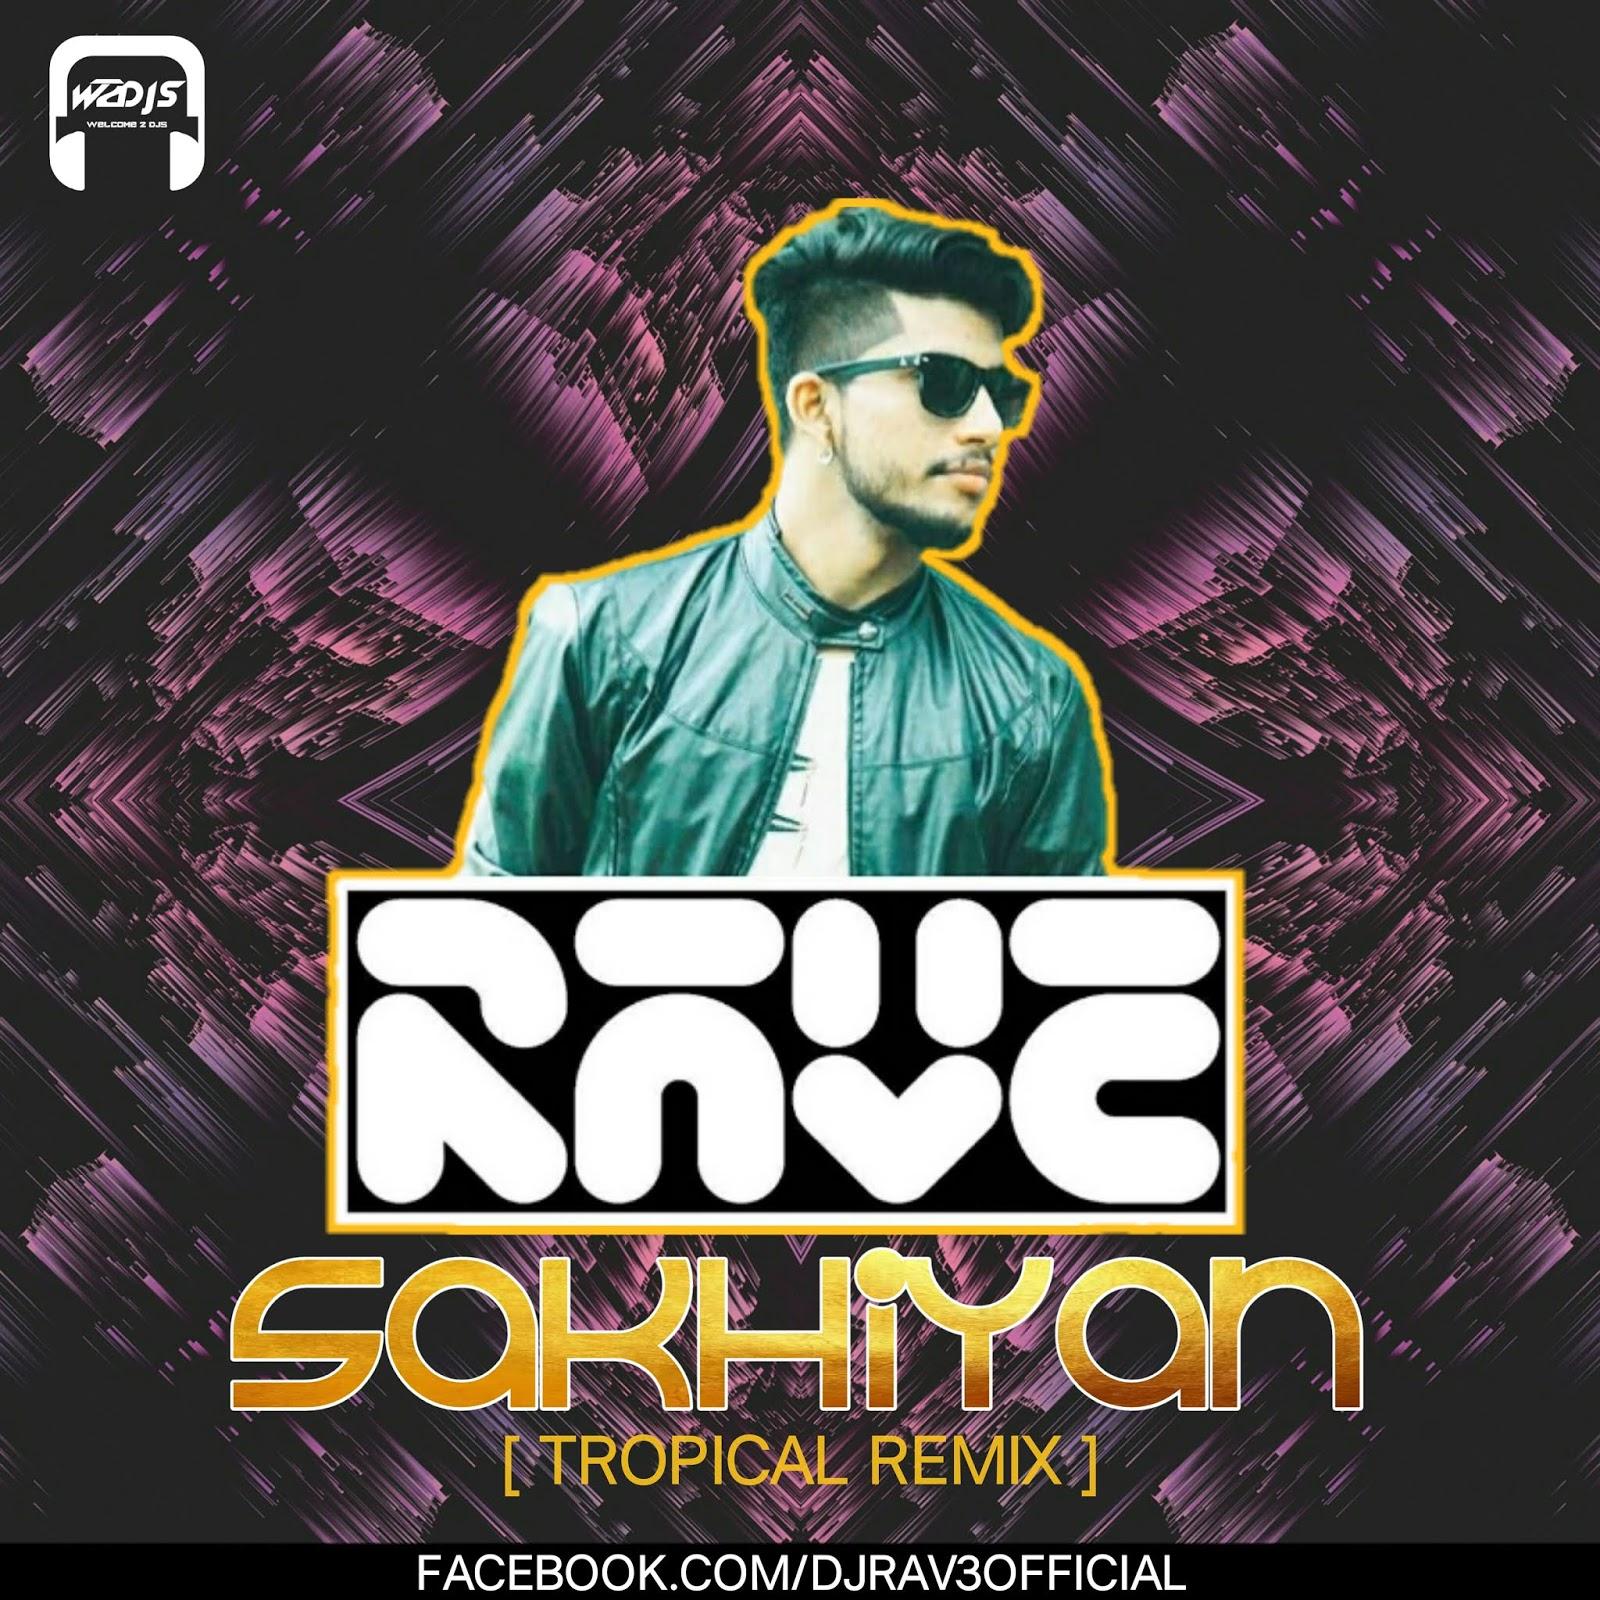 Download Sakhiyan: Sakhiyan (Tropical Remix)